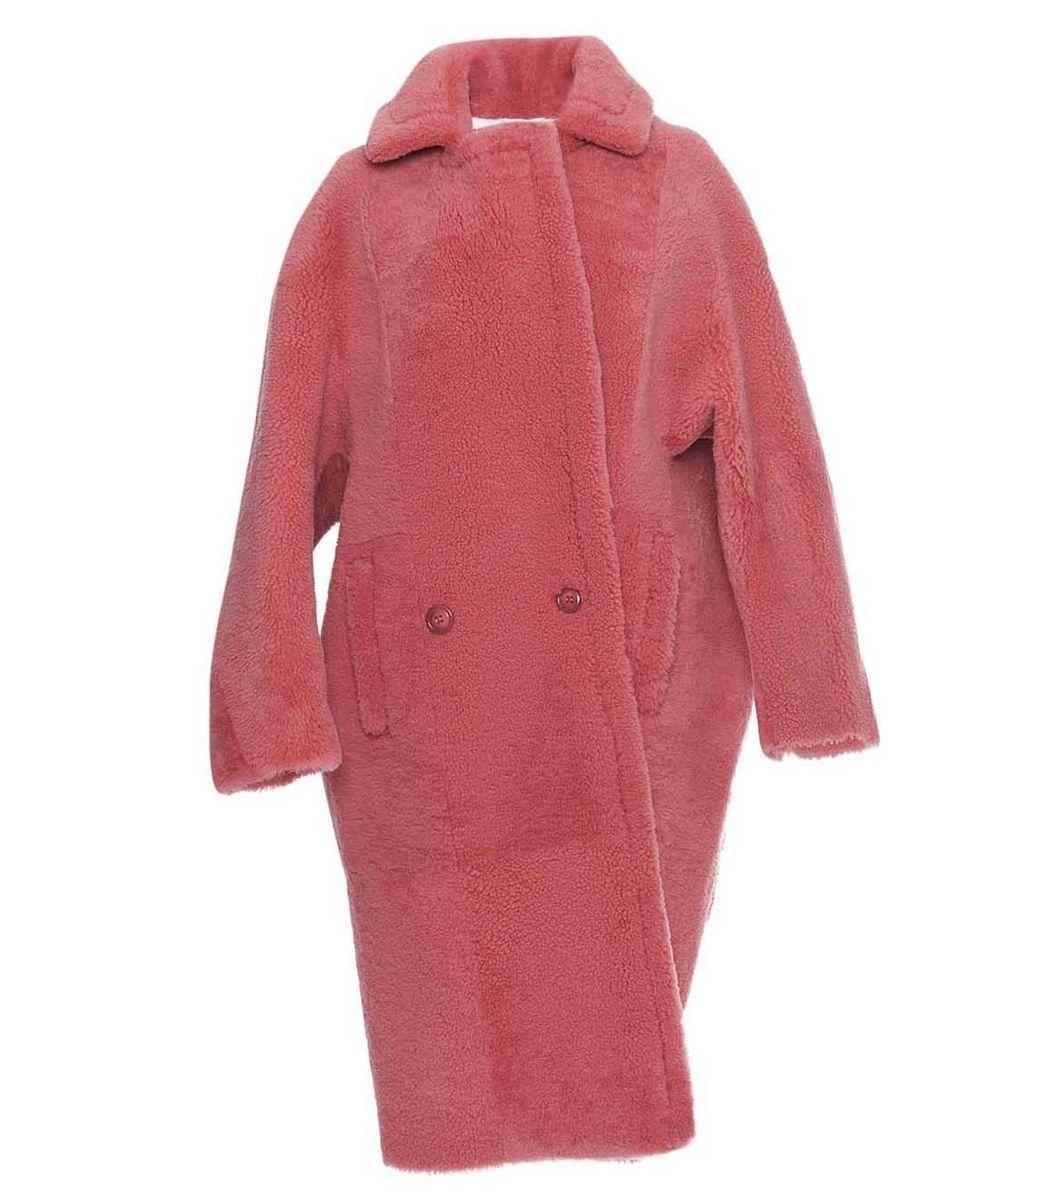 ANNE VEST Pink Coze Coat